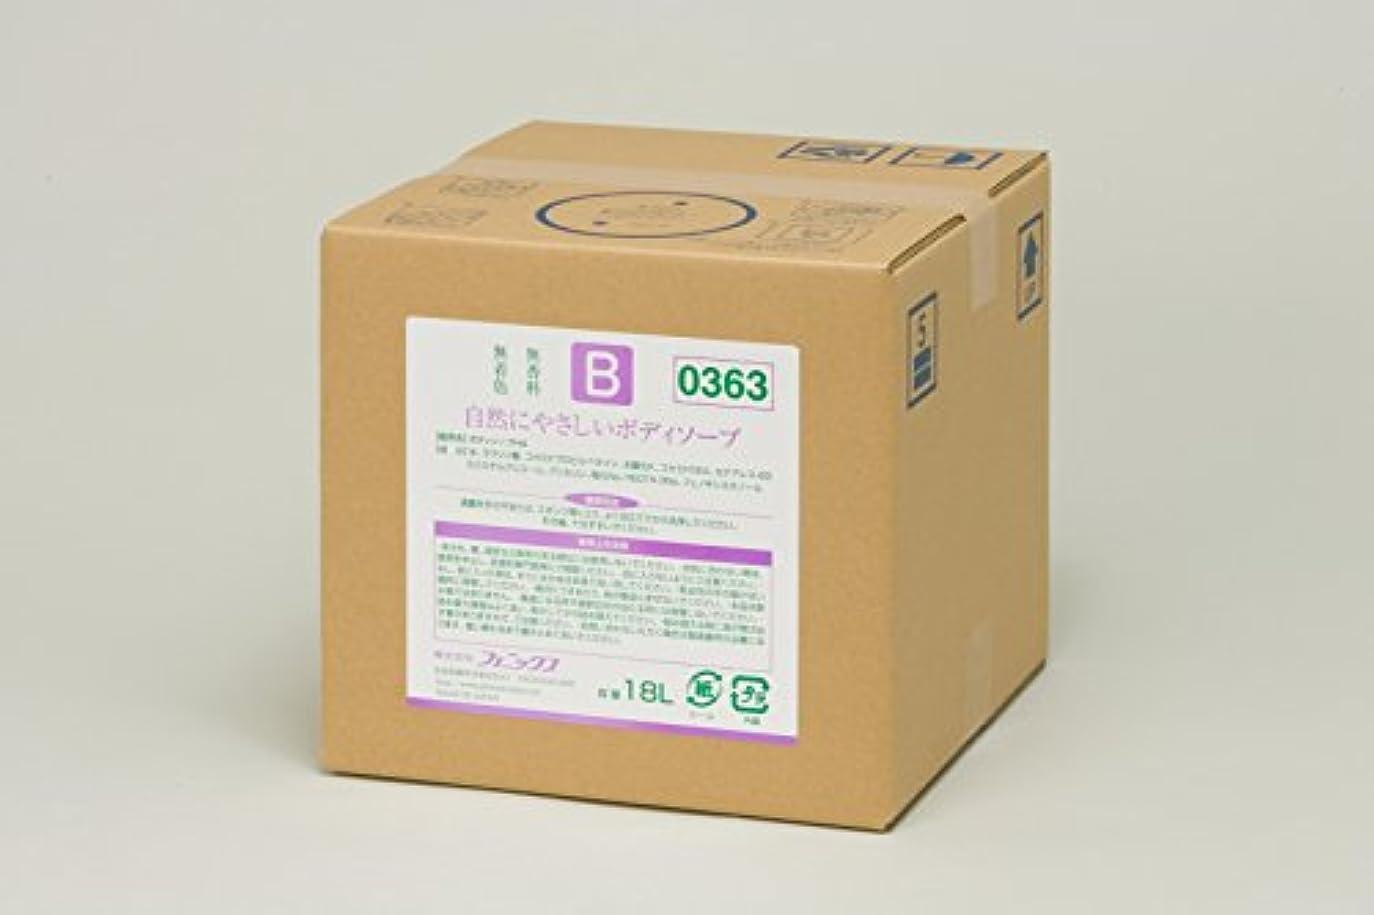 決して引き渡す修正自然にやさしいボディソープ / 00090363 18L 1缶